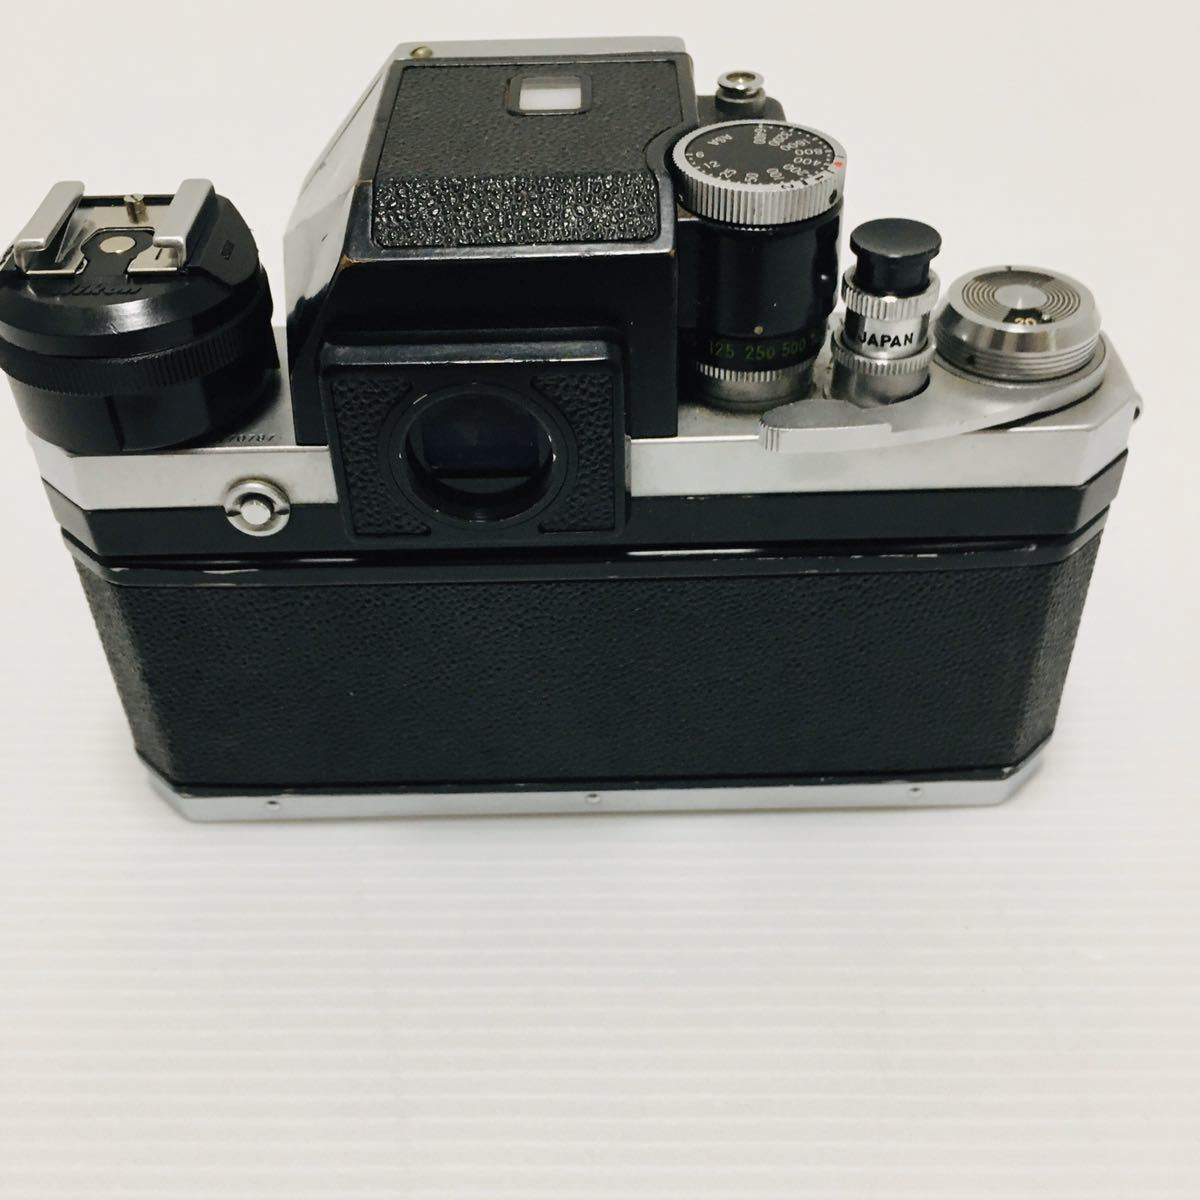 【動作未確認】Nikon F シルバー フィルムカメラ national3650 フラッシュ、レンズ付 NIKKOR-S 1:1.4 ジャンク_画像5